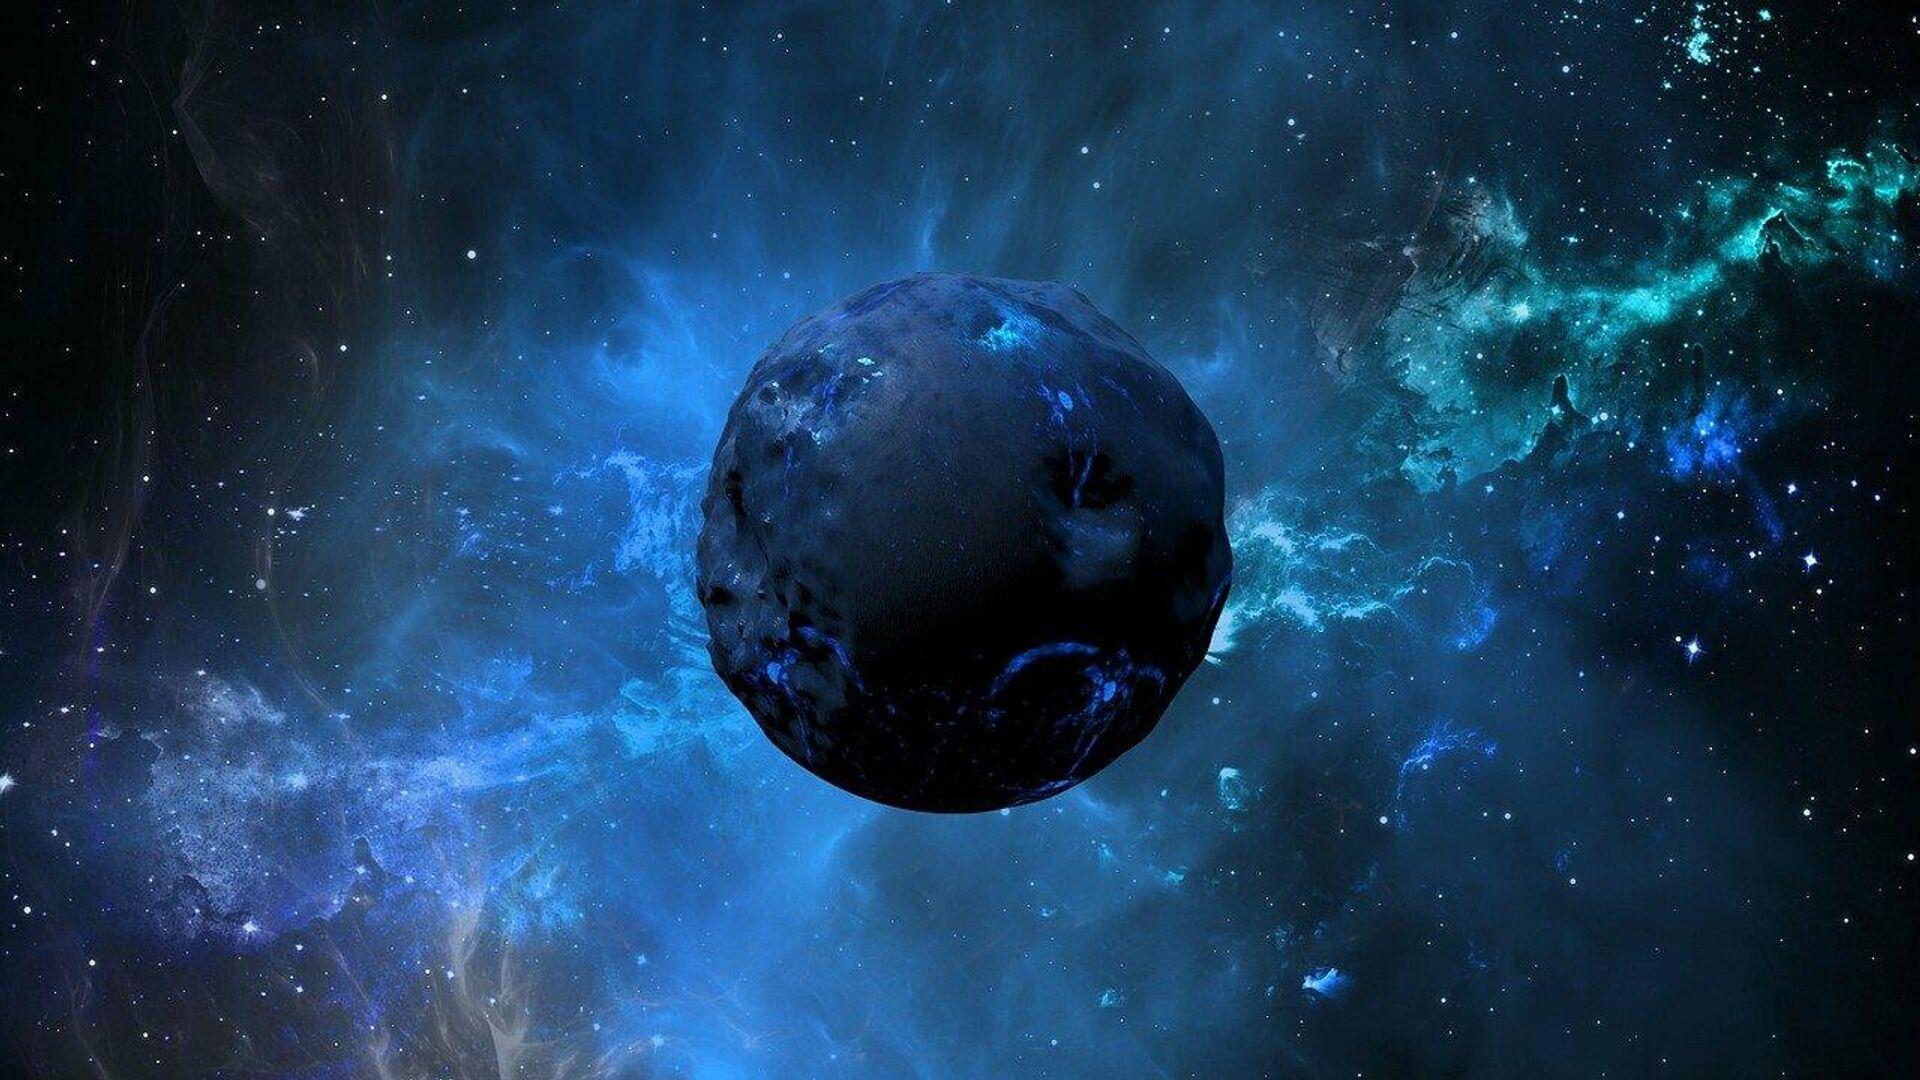 Un cuerpo cósmico (imagen referencial) - Sputnik Mundo, 1920, 12.02.2021